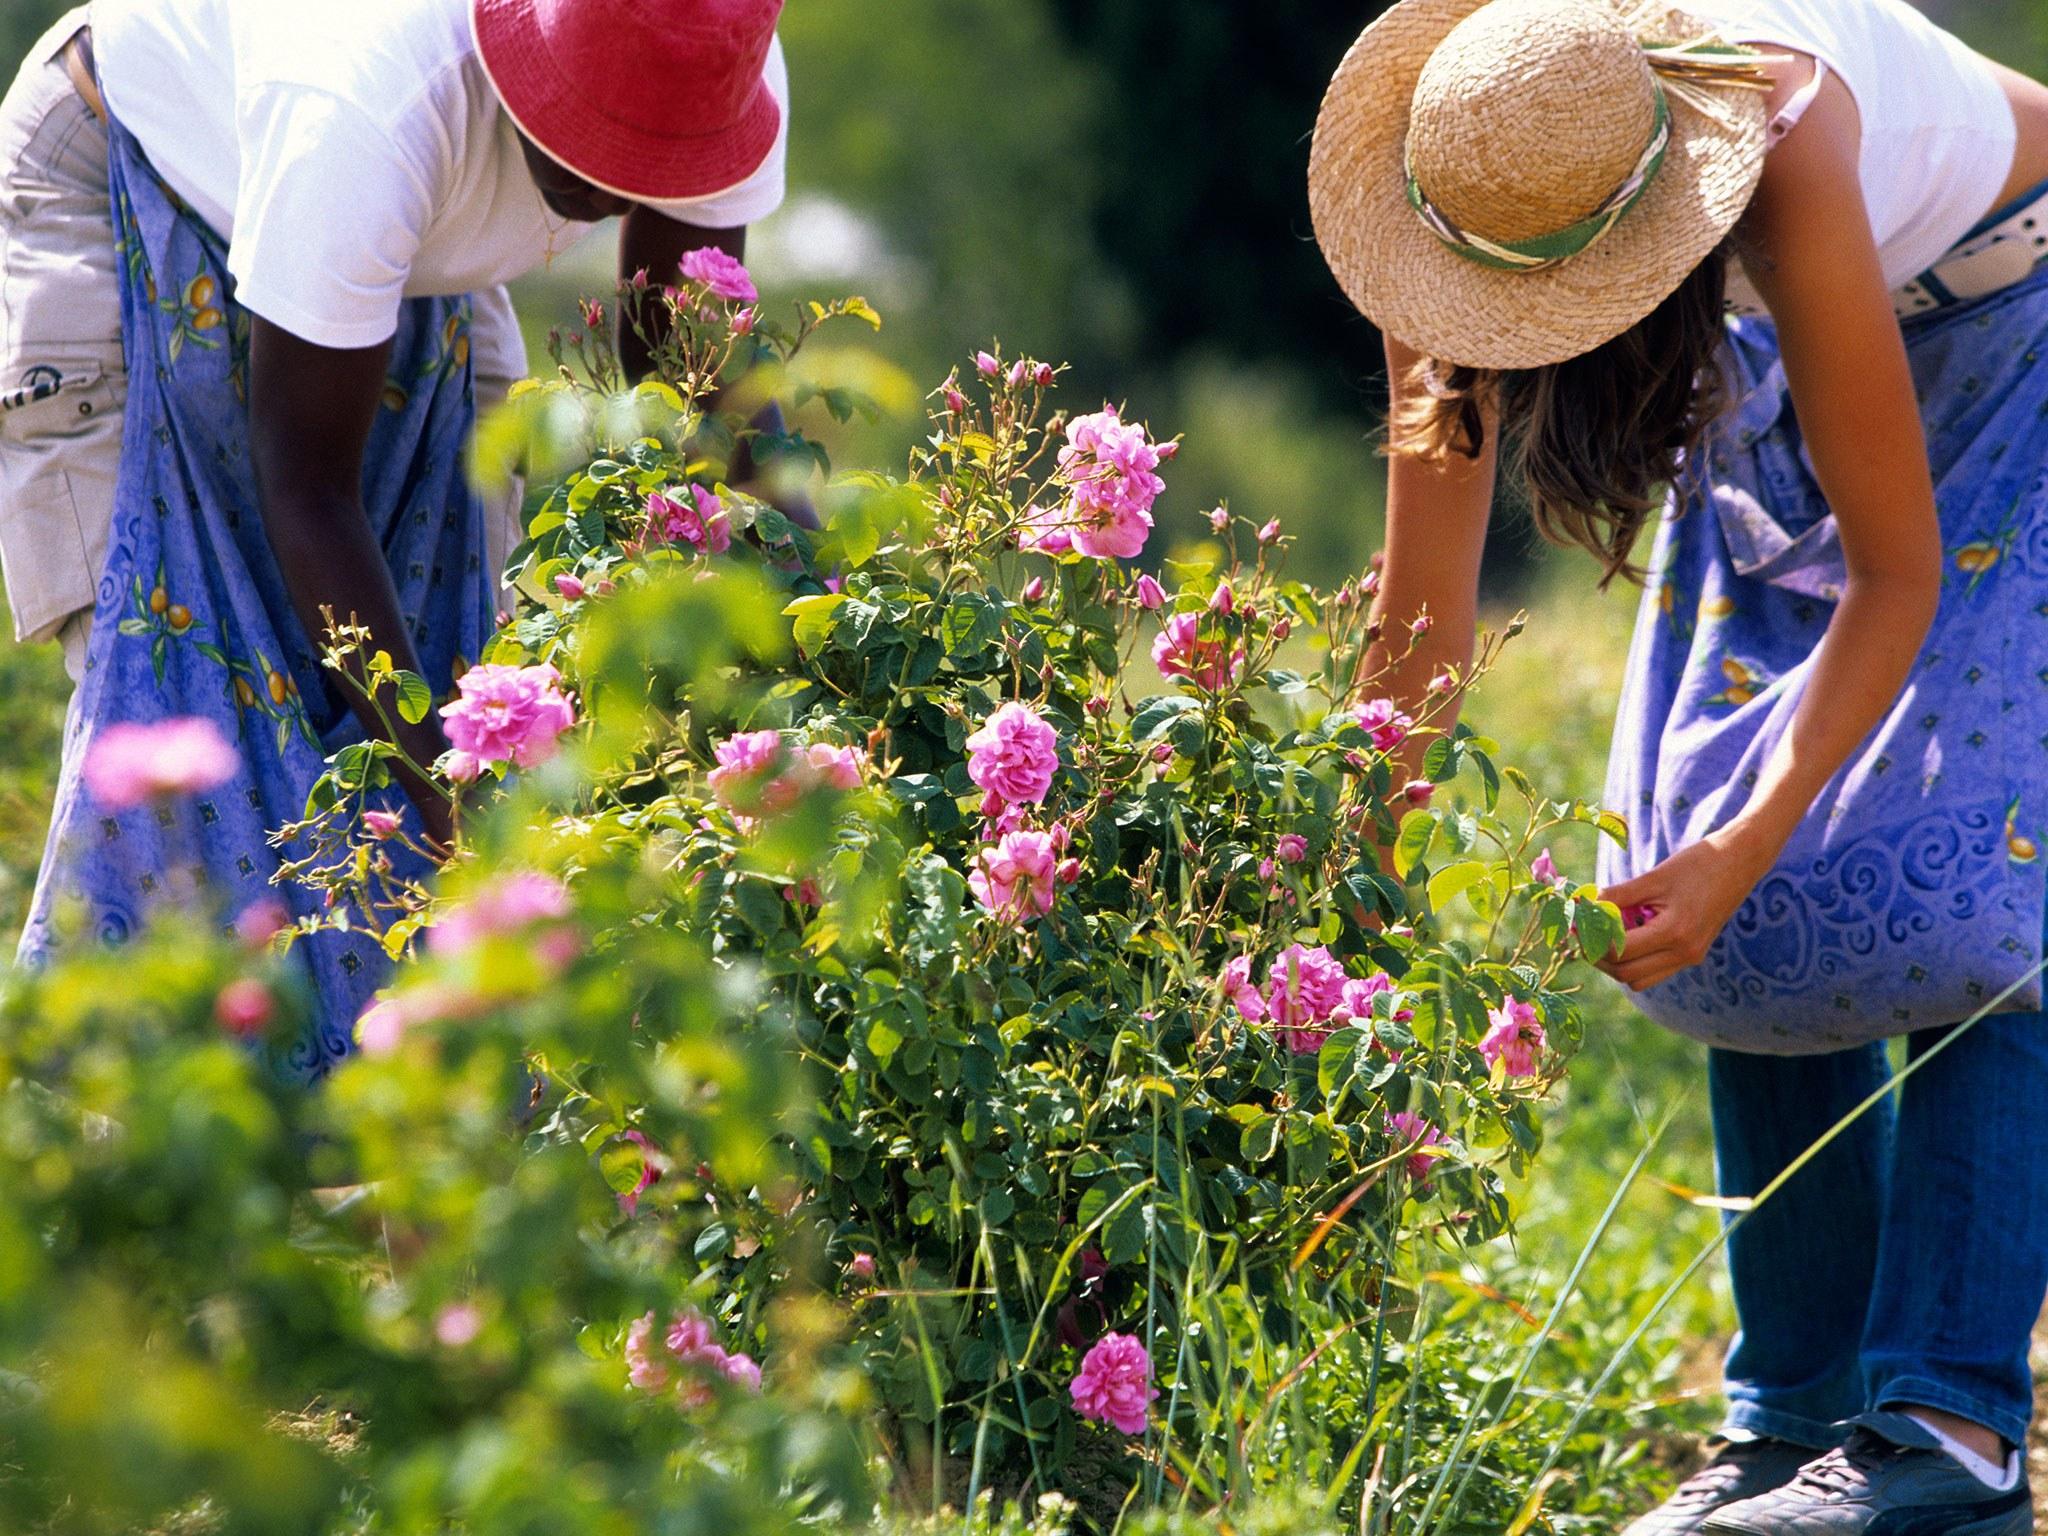 nước hoa vườn hoa hồng Grasse 2